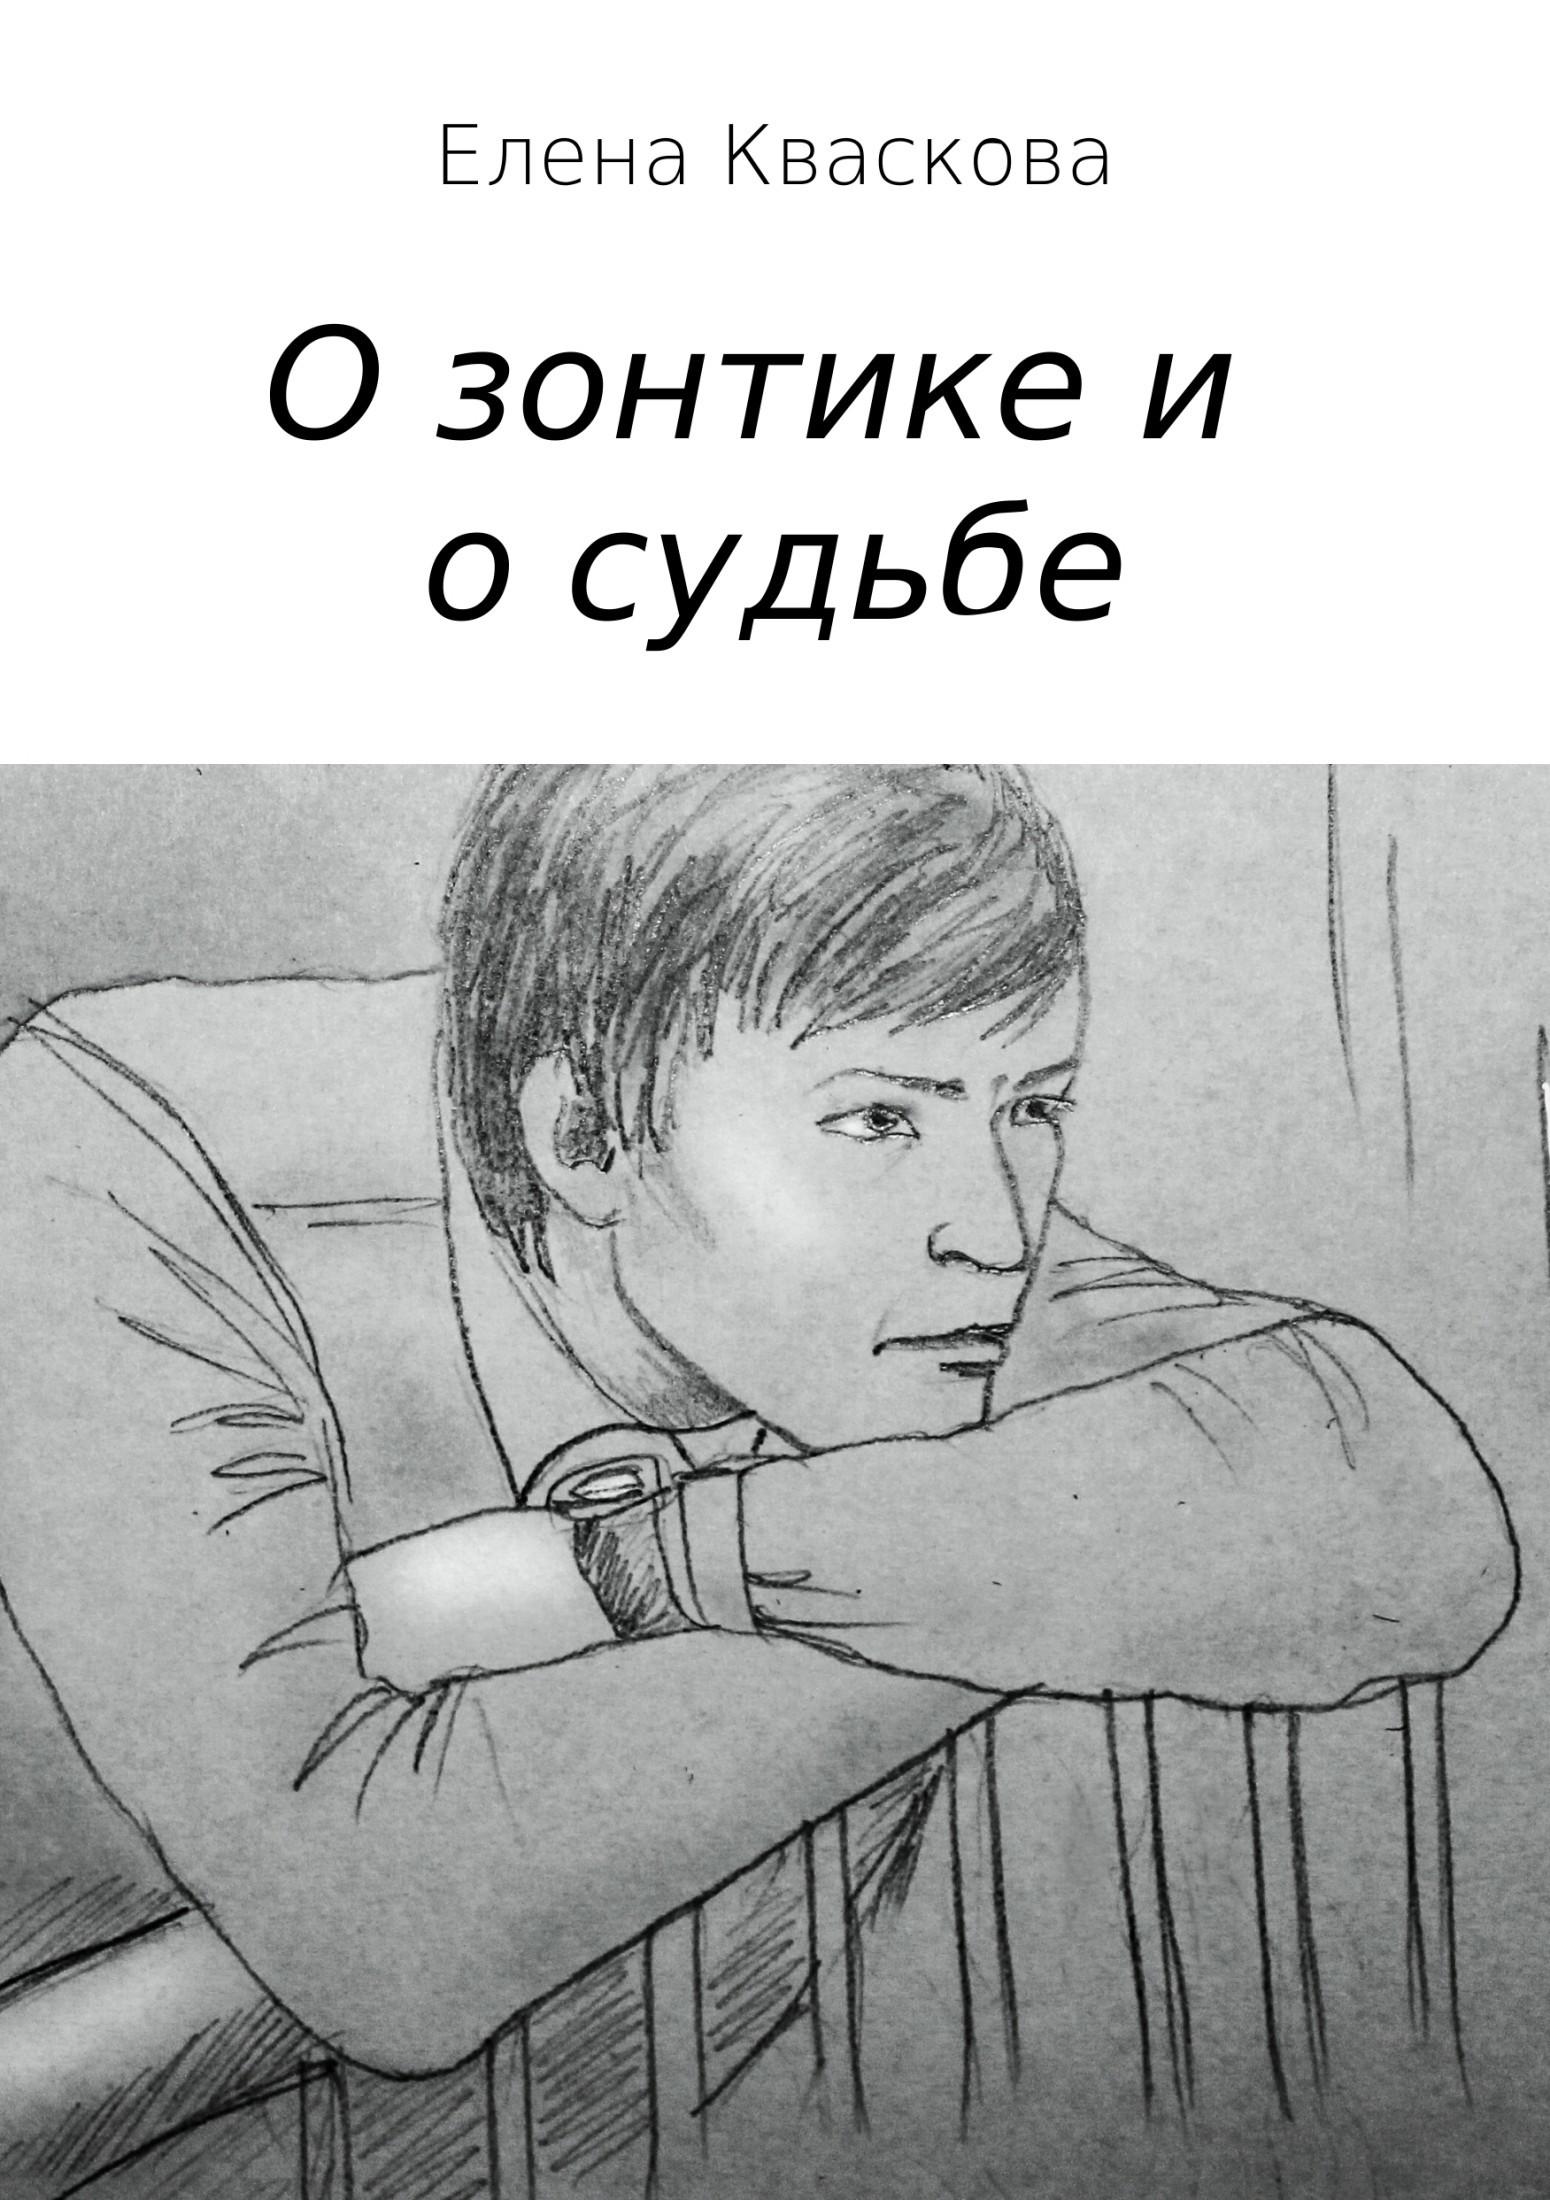 Елена Александровна Кваскова О зонтике и о судьбе цены